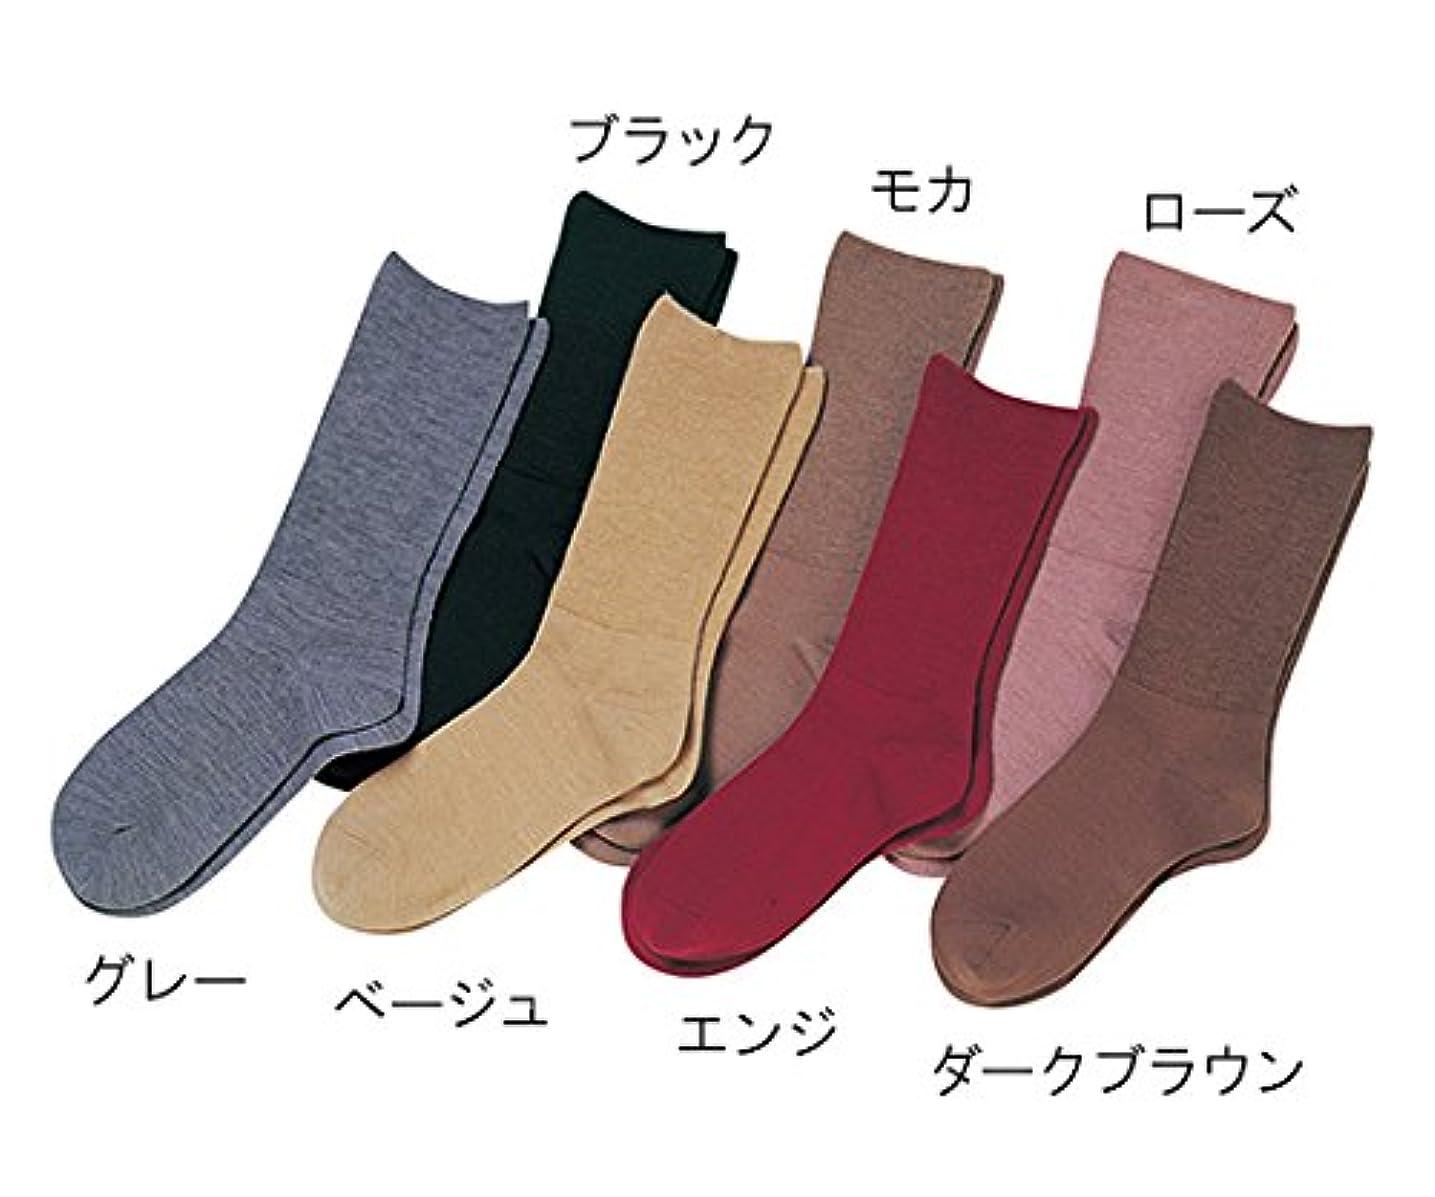 お茶福祉簡単な神戸生絲 ふくらはぎ楽らくすべり止めソックス 婦人 秋冬用 モカ 3907 モカ